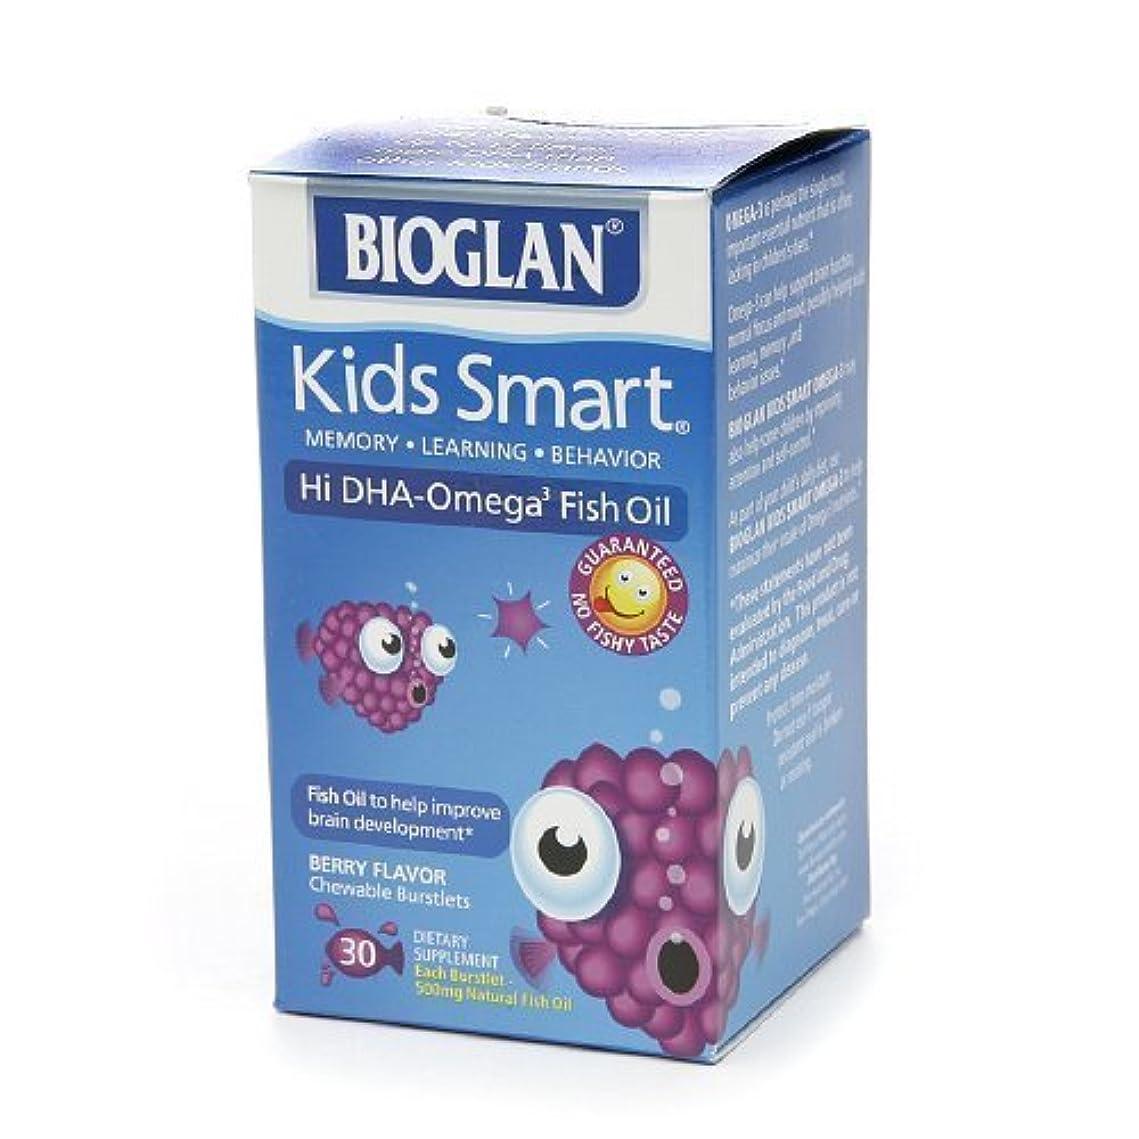 民兵統治する民兵BioGlan Kids Smart Hi DHA Omega-3 Fish Oil, Chewable Burstlets, Berry--30 ea-Product ID DRU-318828_1 by bioglan [並行輸入品]